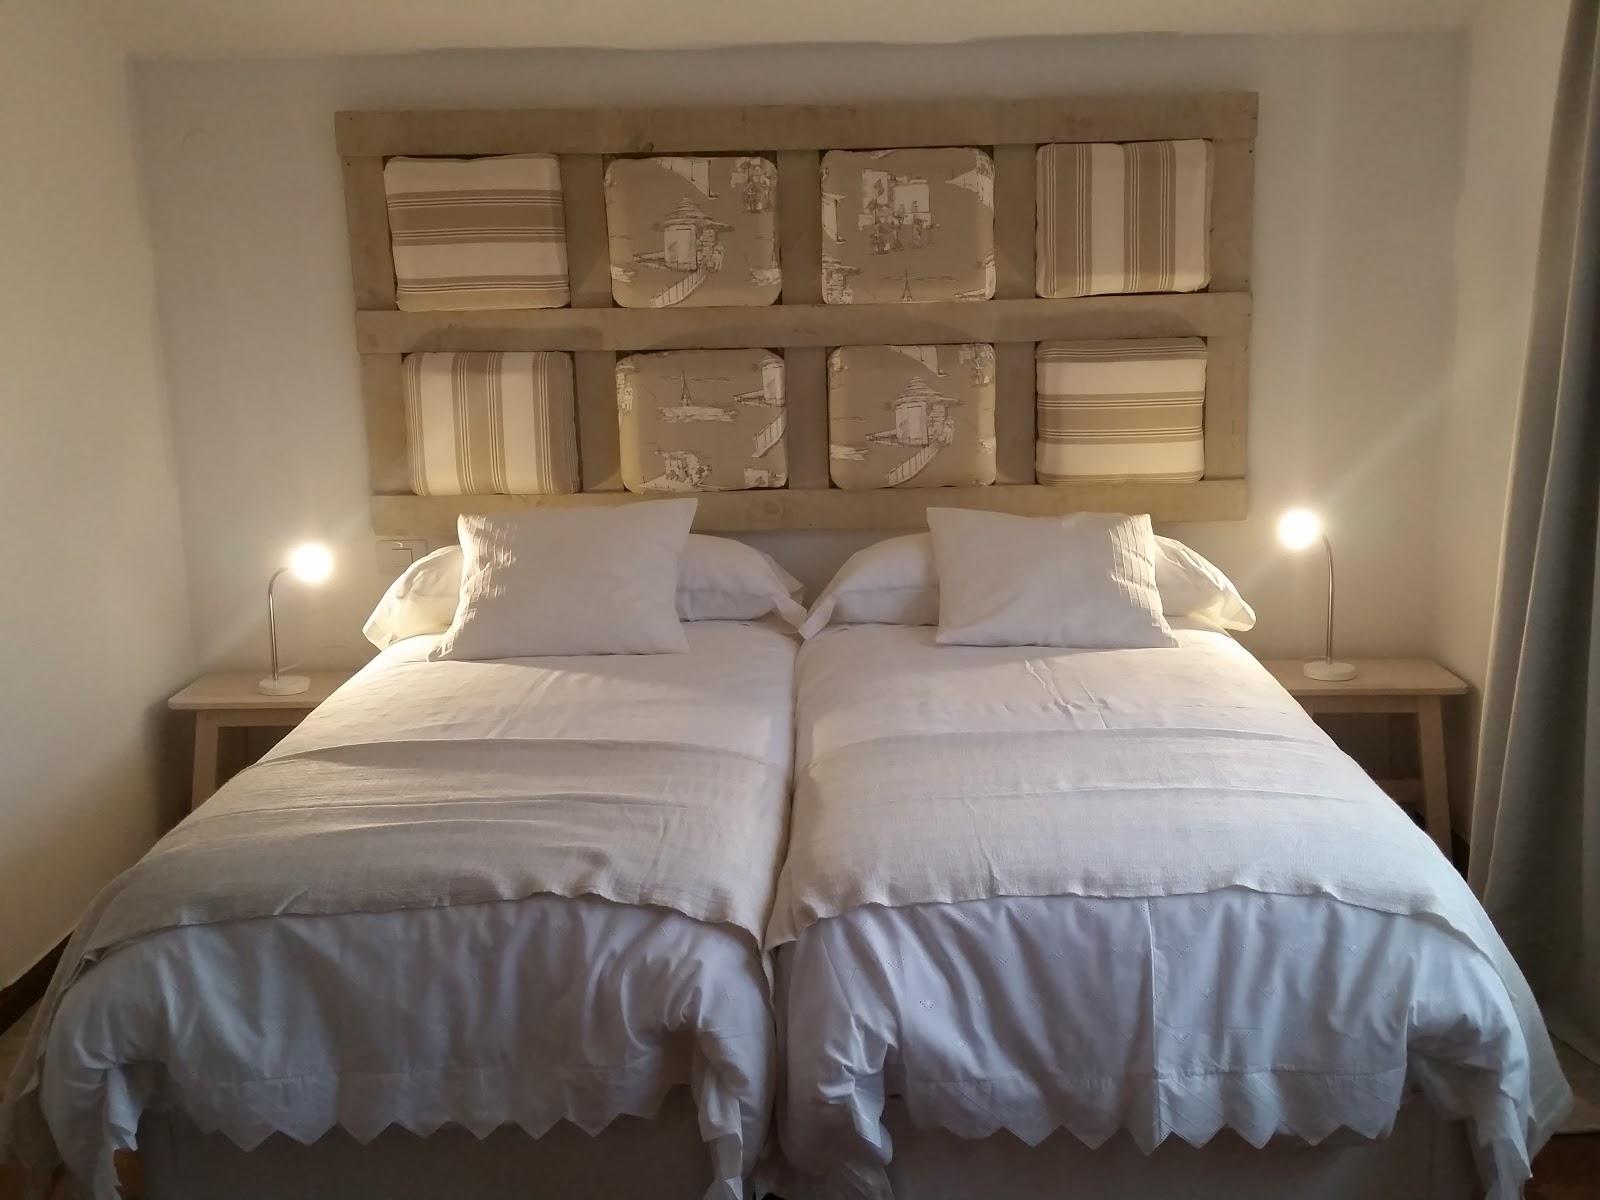 Cabecero cama casero cheap cabecero cama cartn ecolgico - Cabeceros caseros de cama ...